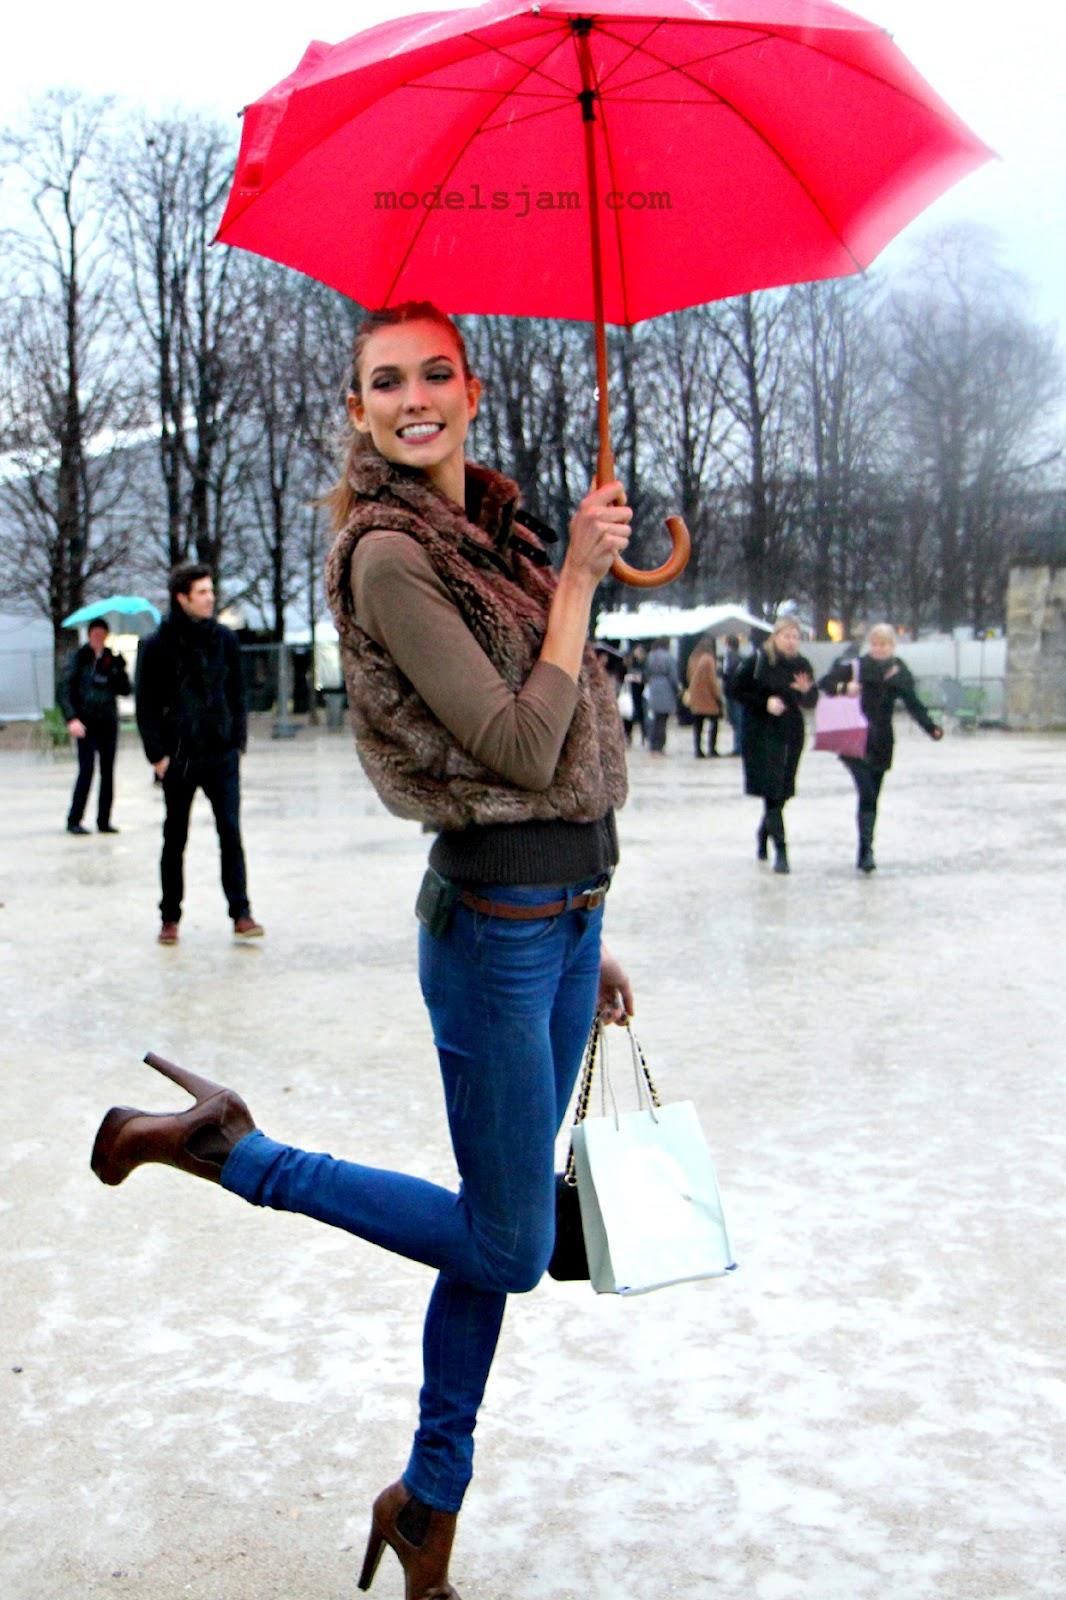 http://1.bp.blogspot.com/-N6e1ZoeQ5Tw/T1e6I2z8NvI/AAAAAAAAA5w/LXNWtIpMadQ/s1600/karlie+ombrello.jpg